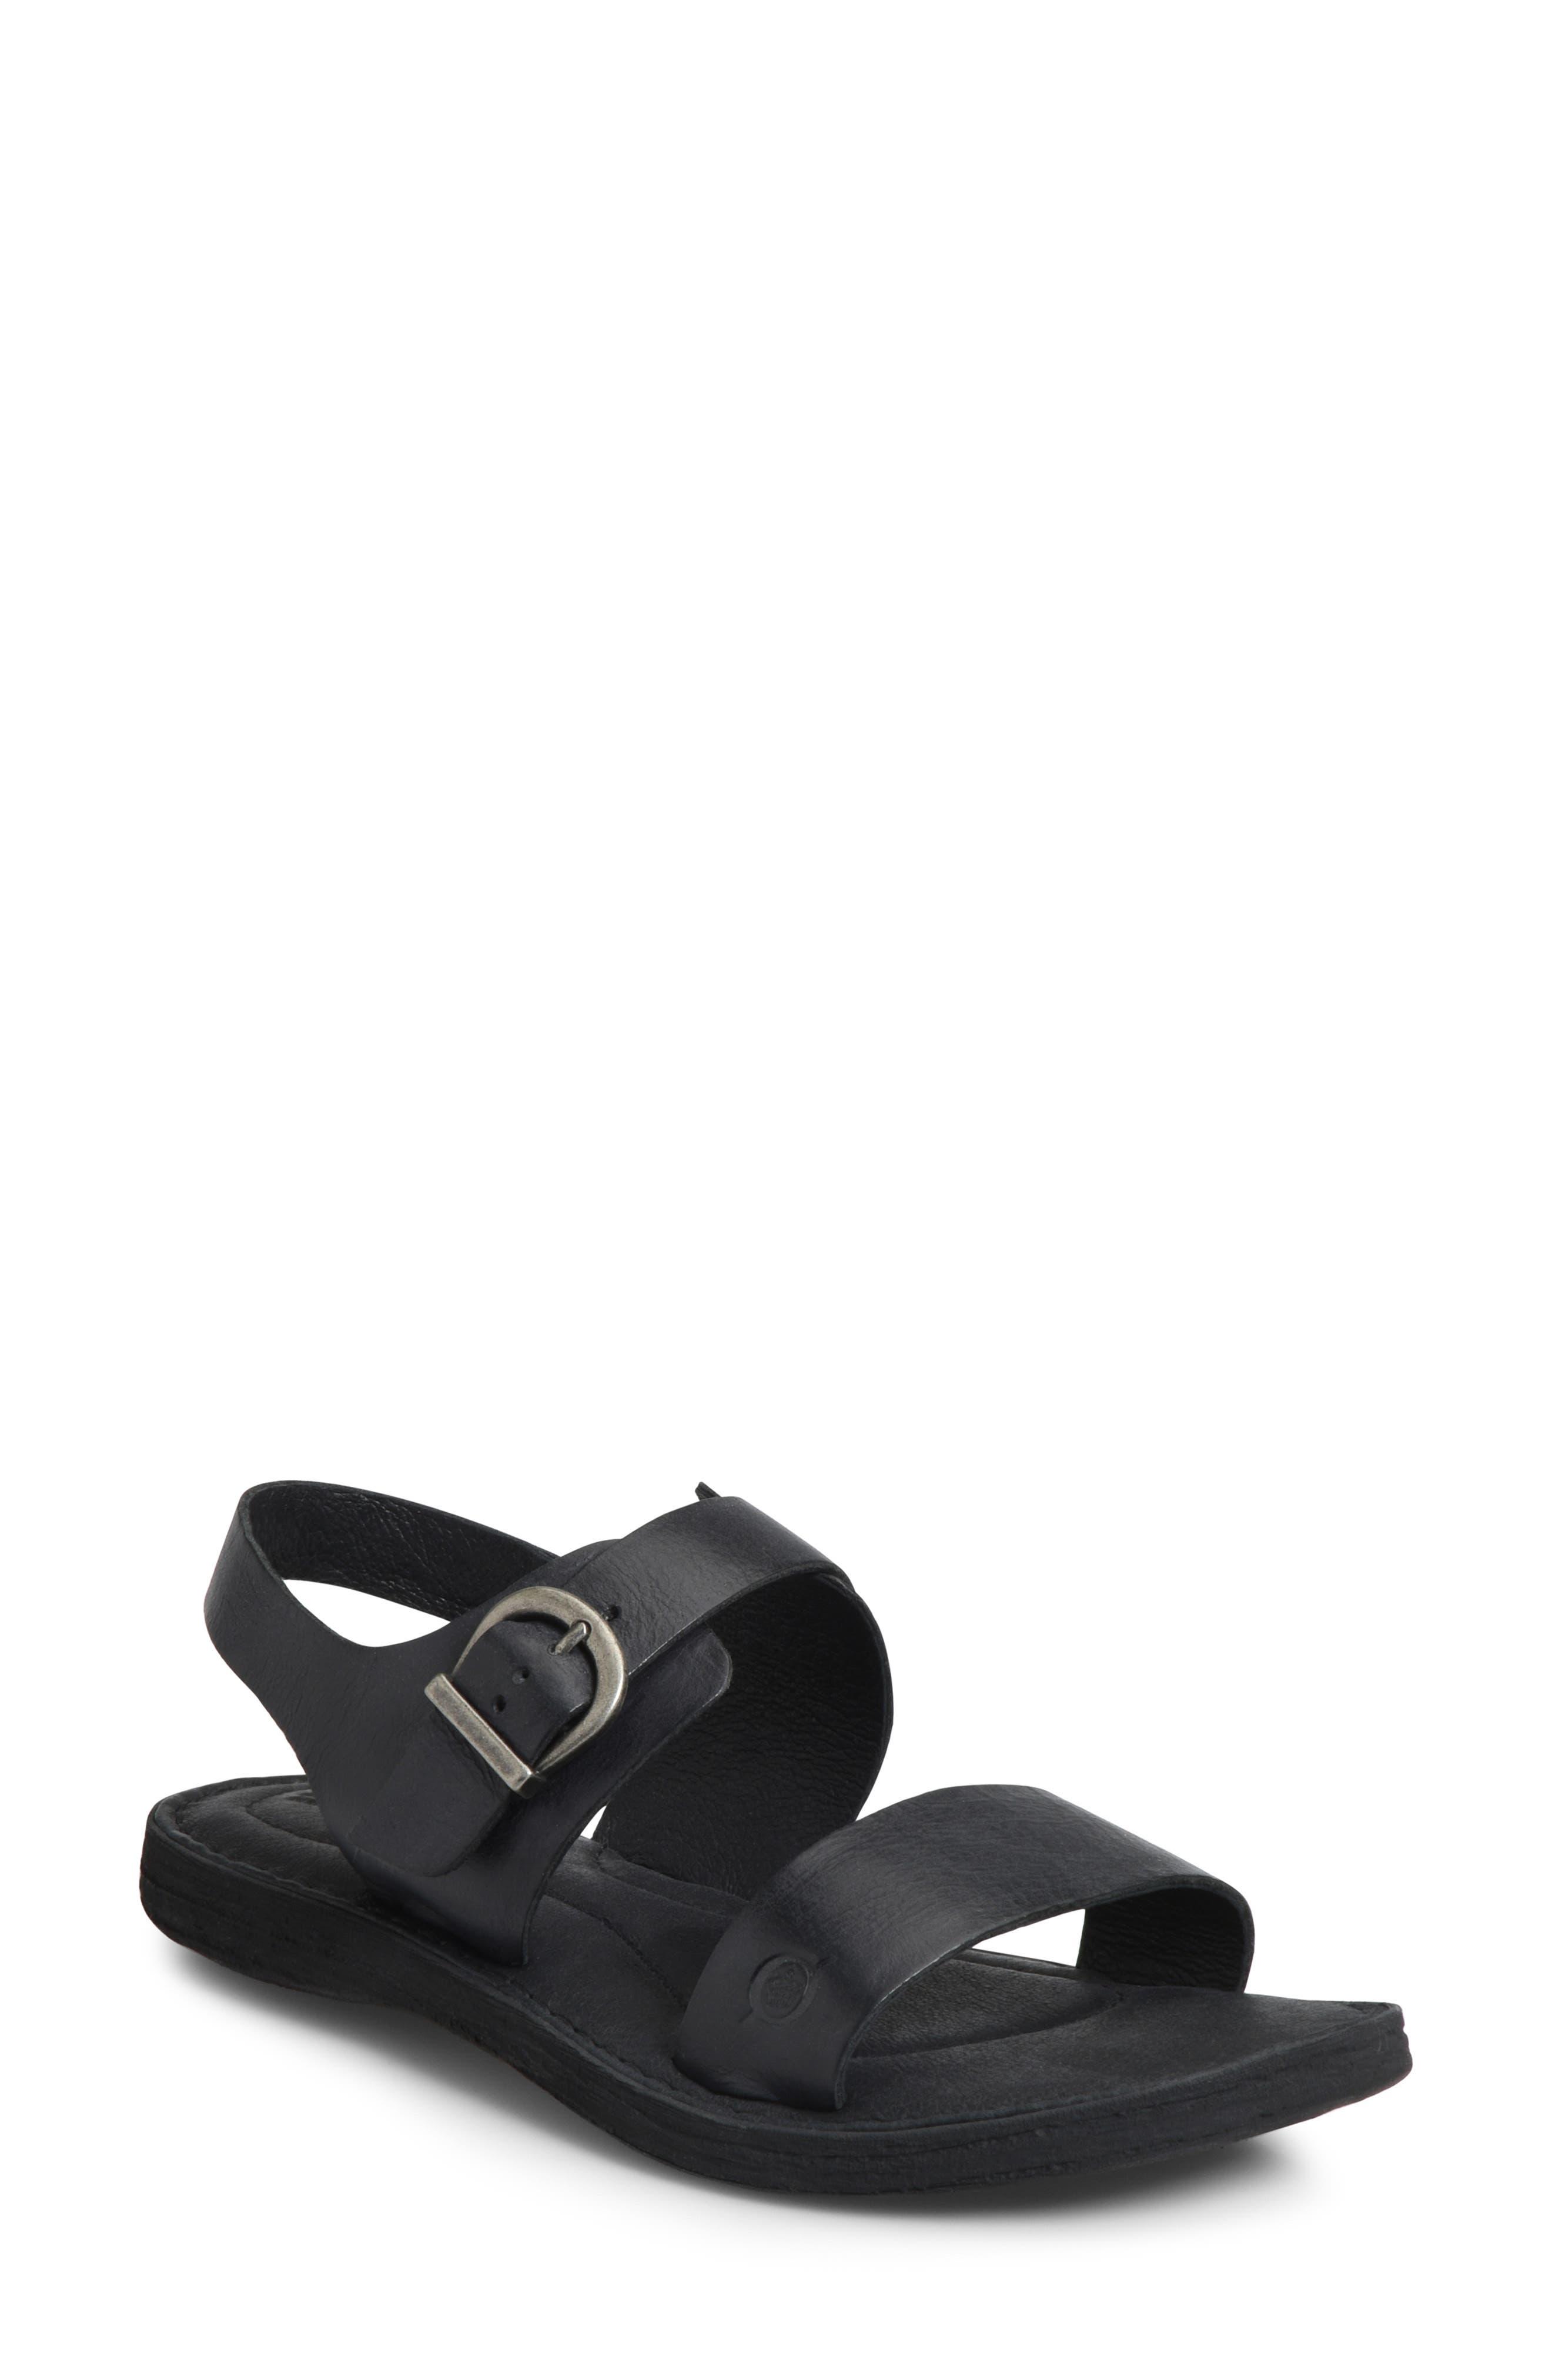 B?rn Selway Sandal, Black